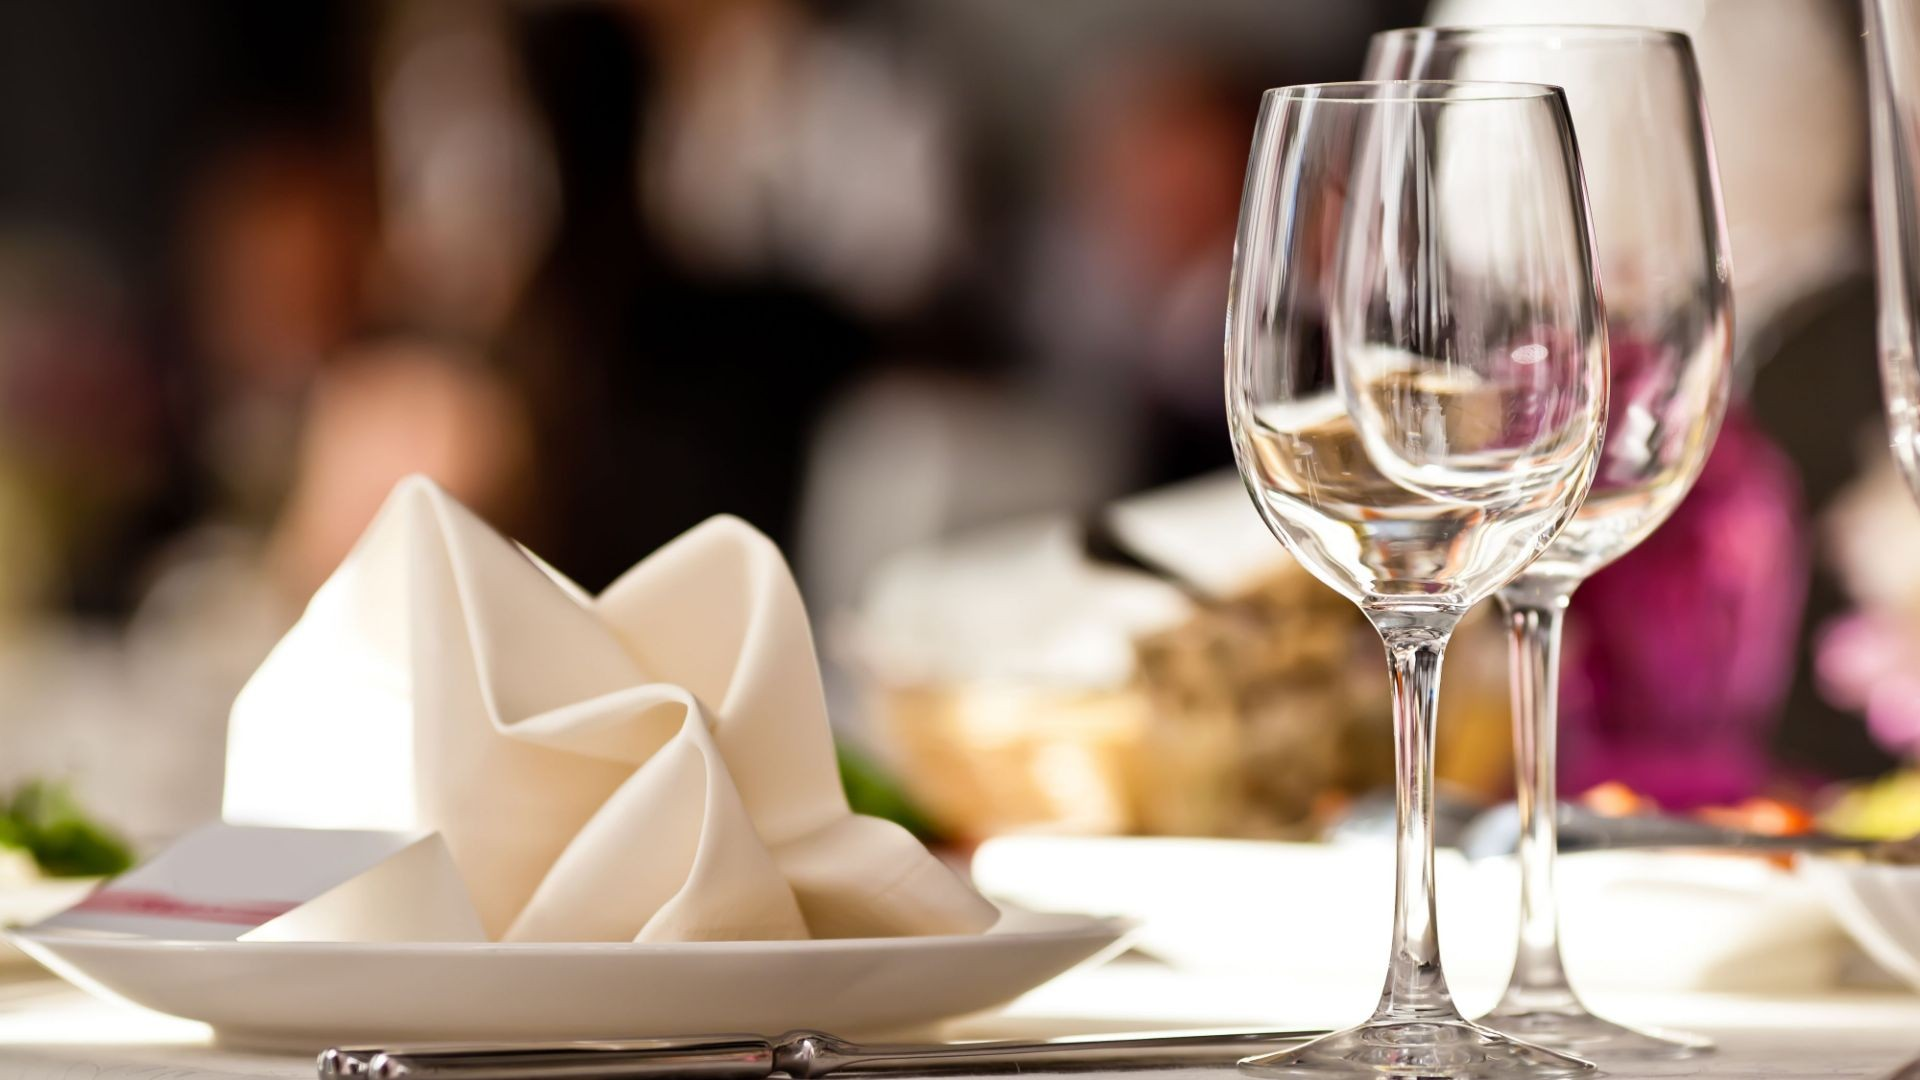 Restaurante de comida tradicional pero inesperada y diferente en Colmenar Viejo